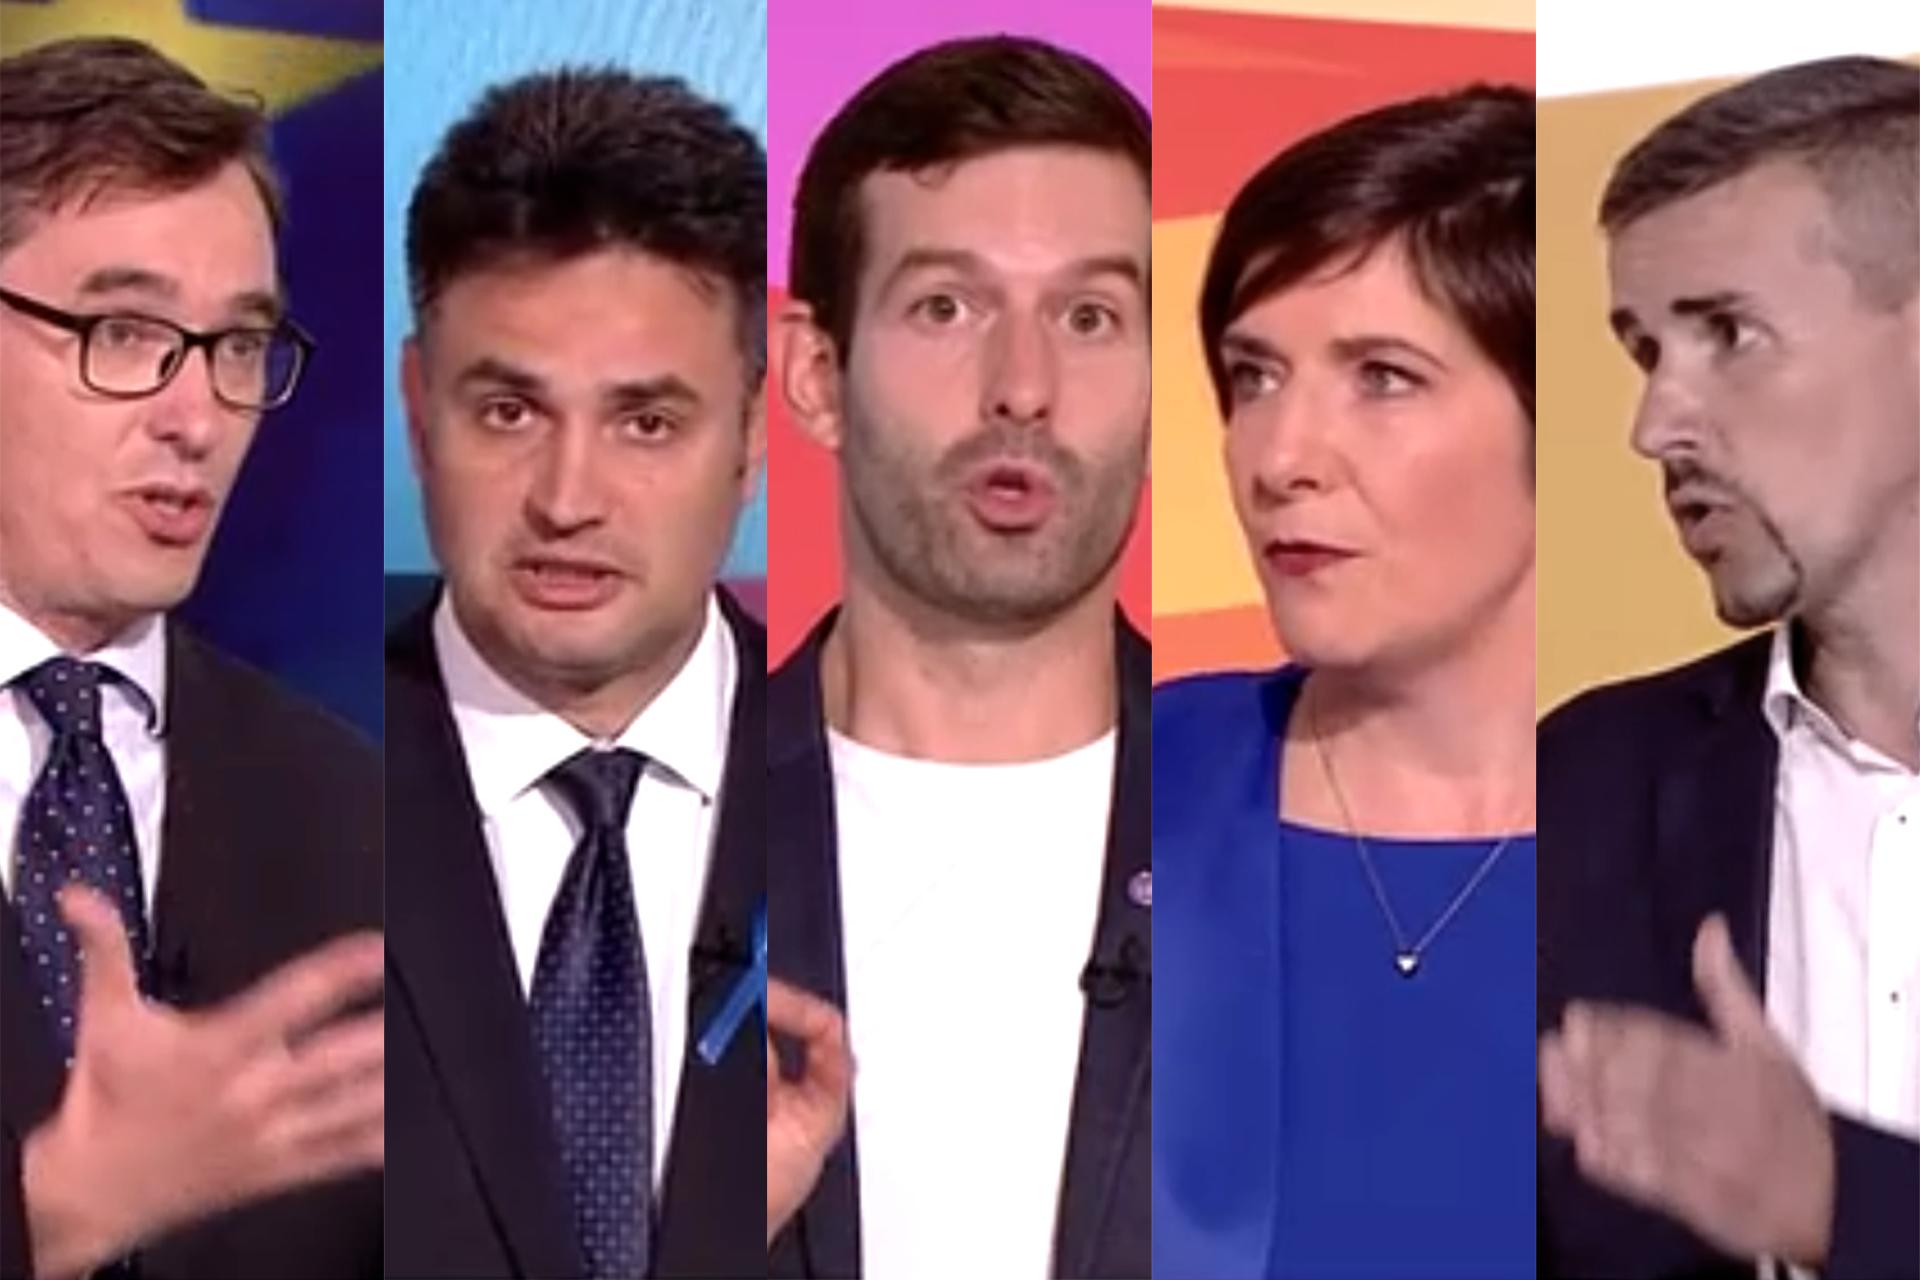 Több tere lesz a szócsatáknak a második miniszterelnök-jelölti vitán